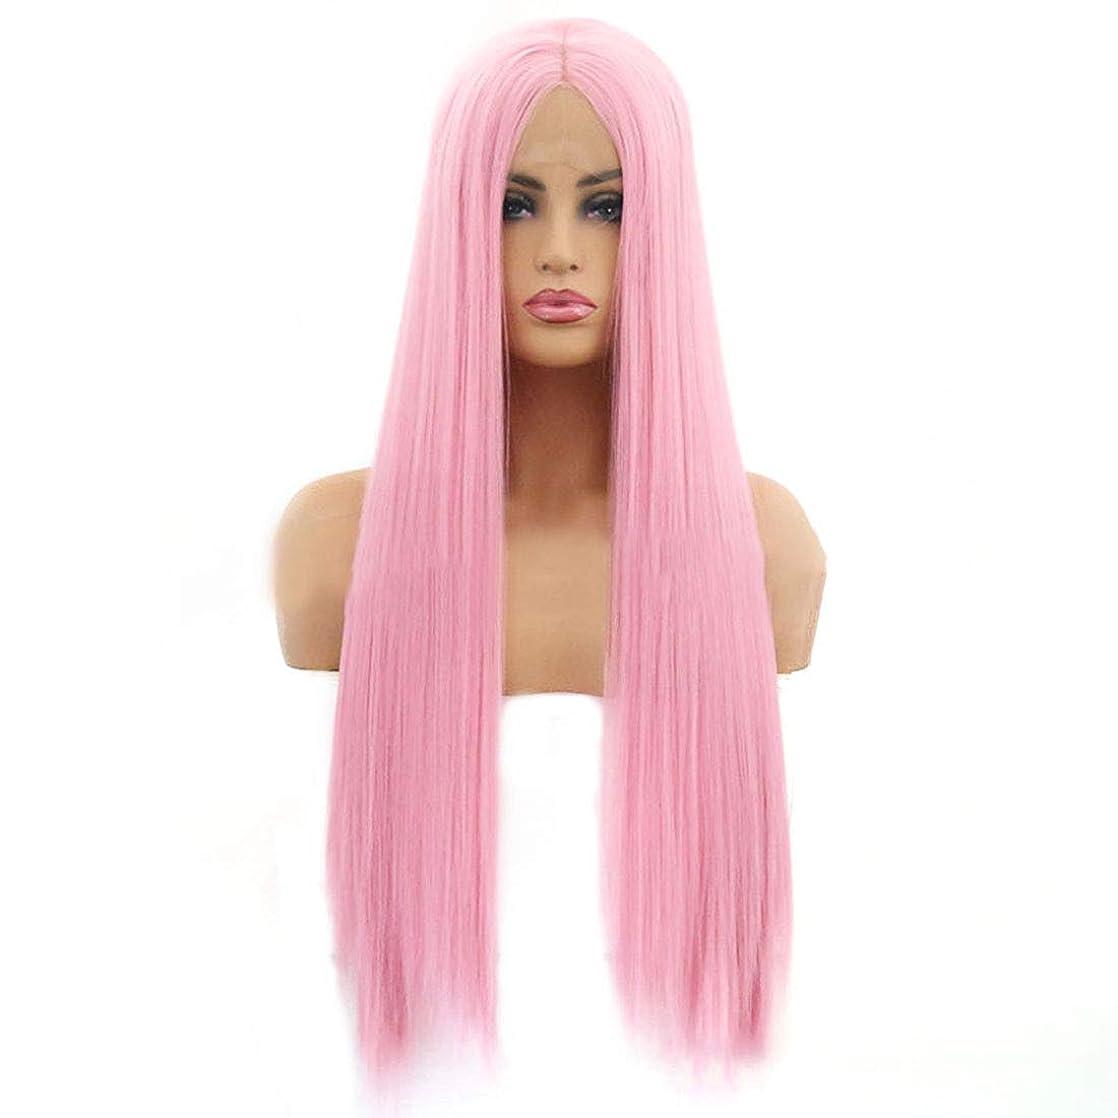 予約減衰追い出すYrattary ヨーロッパとアメリカのかつら女性ピンクロングストレートヘアウィッグフロントレースケミカルファイバーウィッグ複合ヘアレースウィッグロールプレイングかつら (色 : ピンク, サイズ : 16 inches)